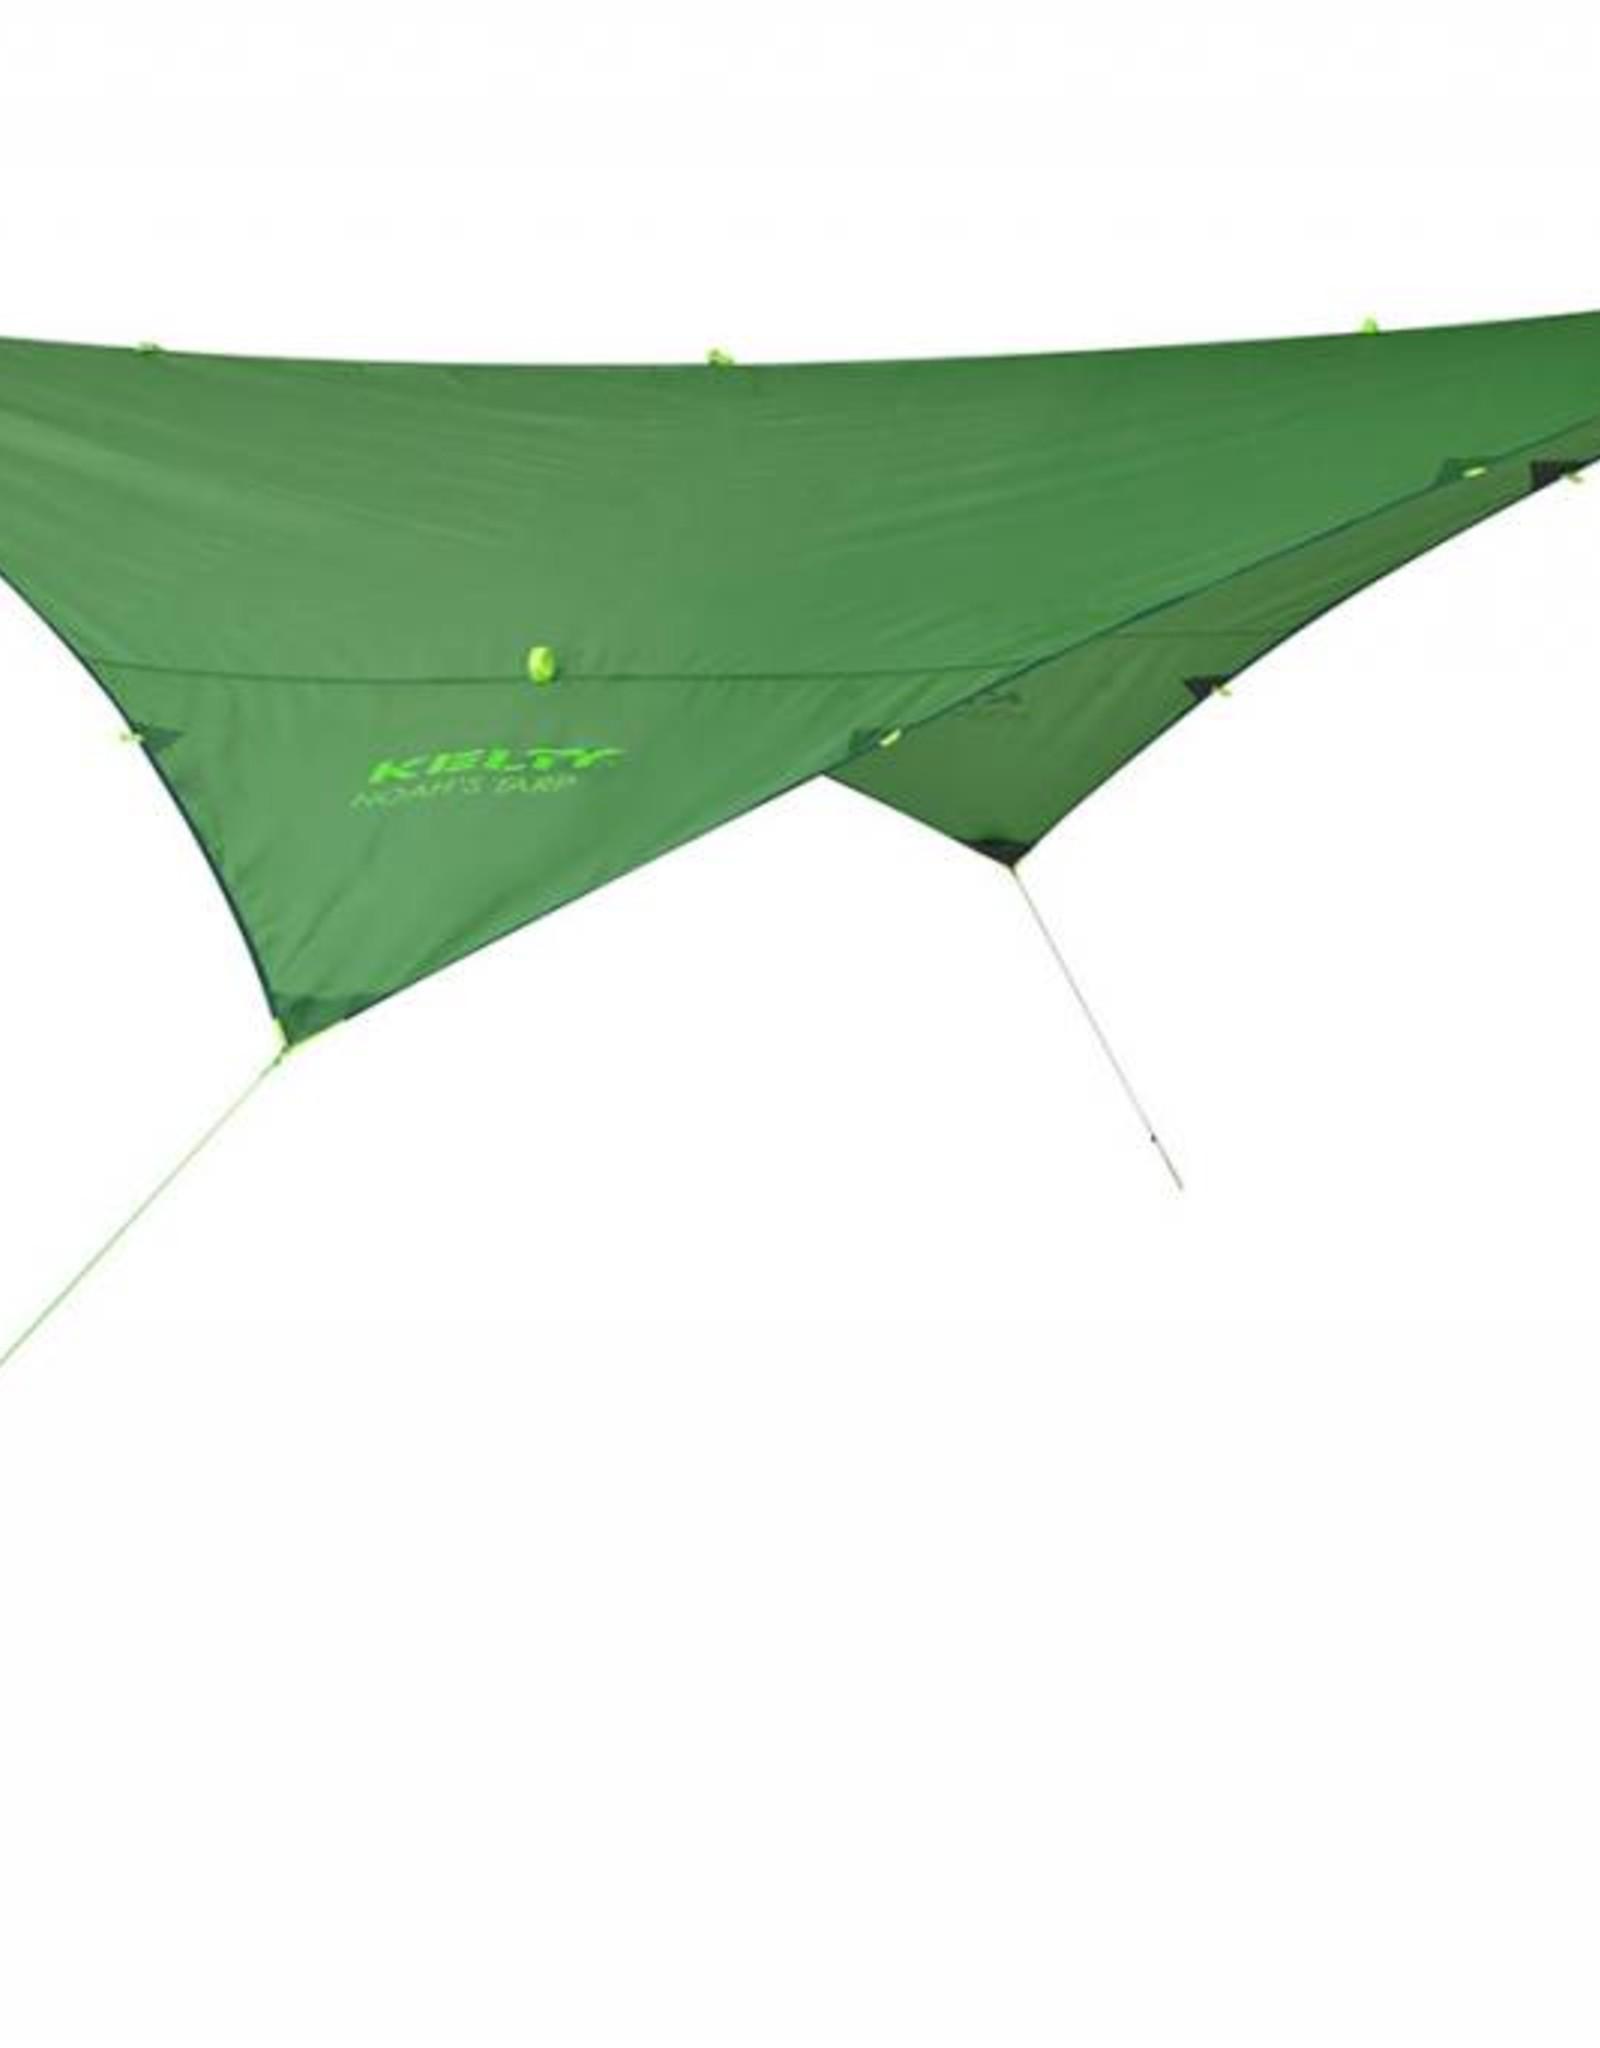 Kelty Noah's Camping Tarp 9x9